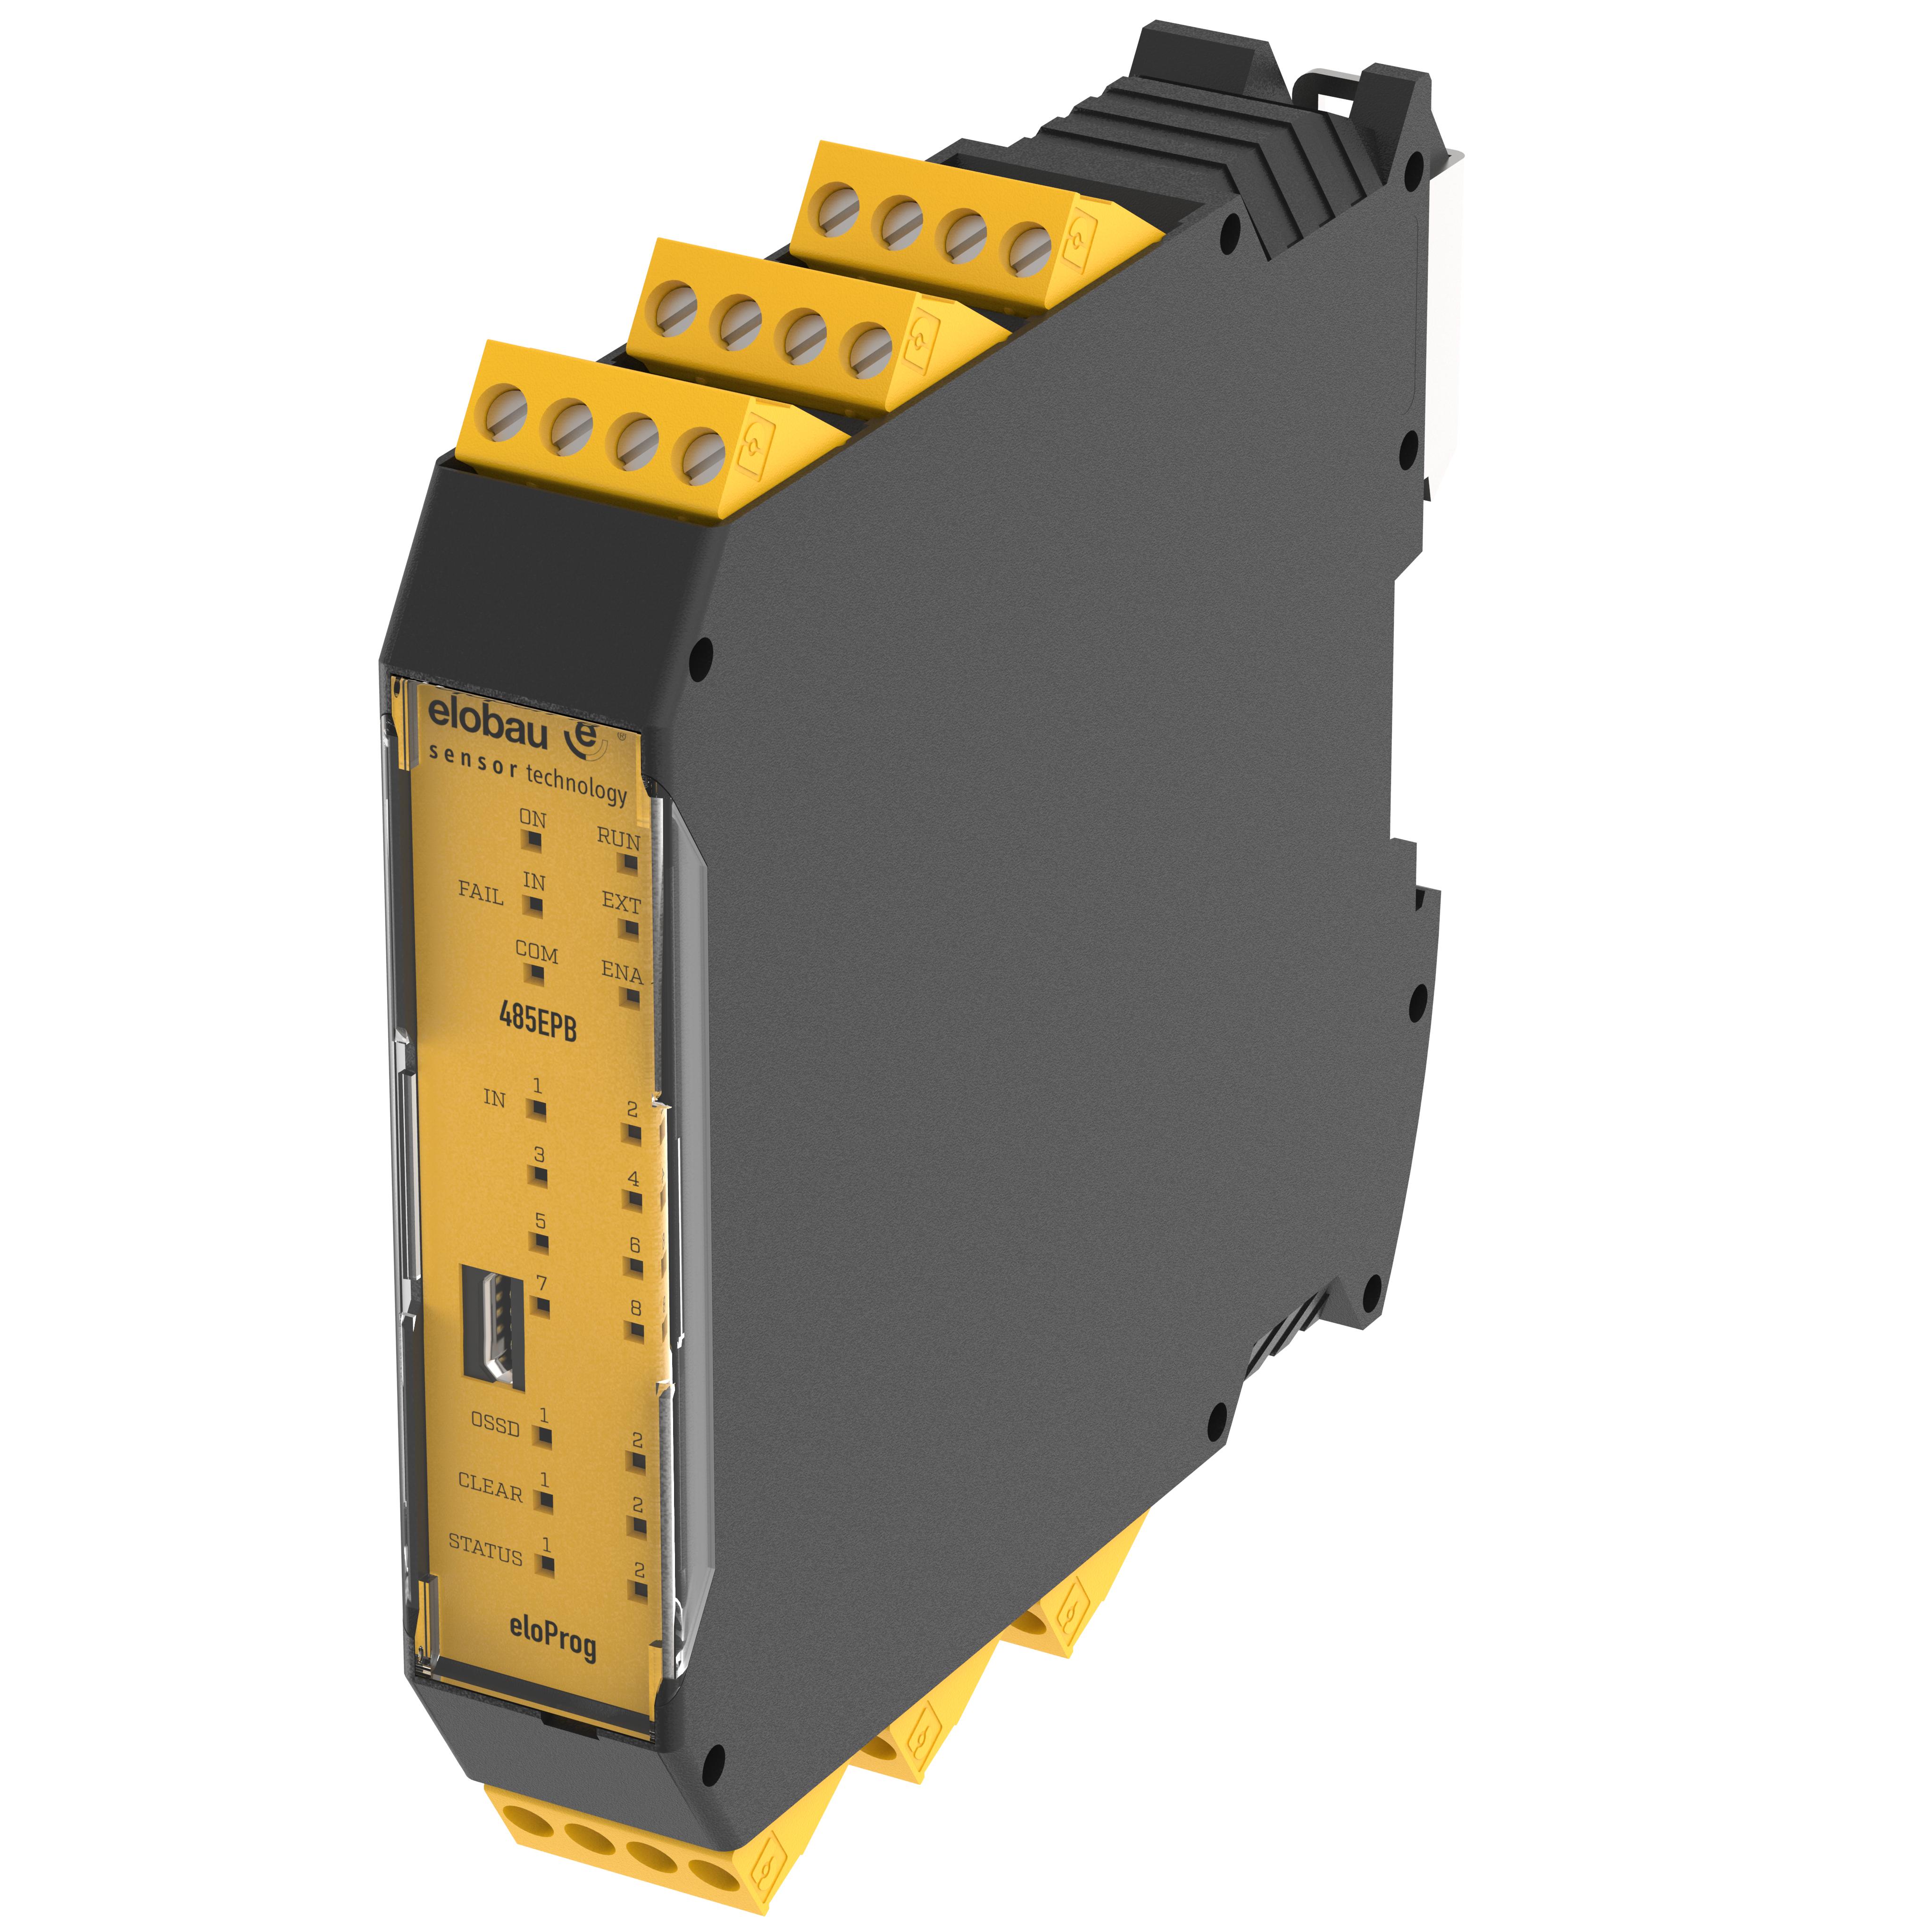 Konfigurierbare Sicherheitssysteme - eloProg Basismodul - 485EPB